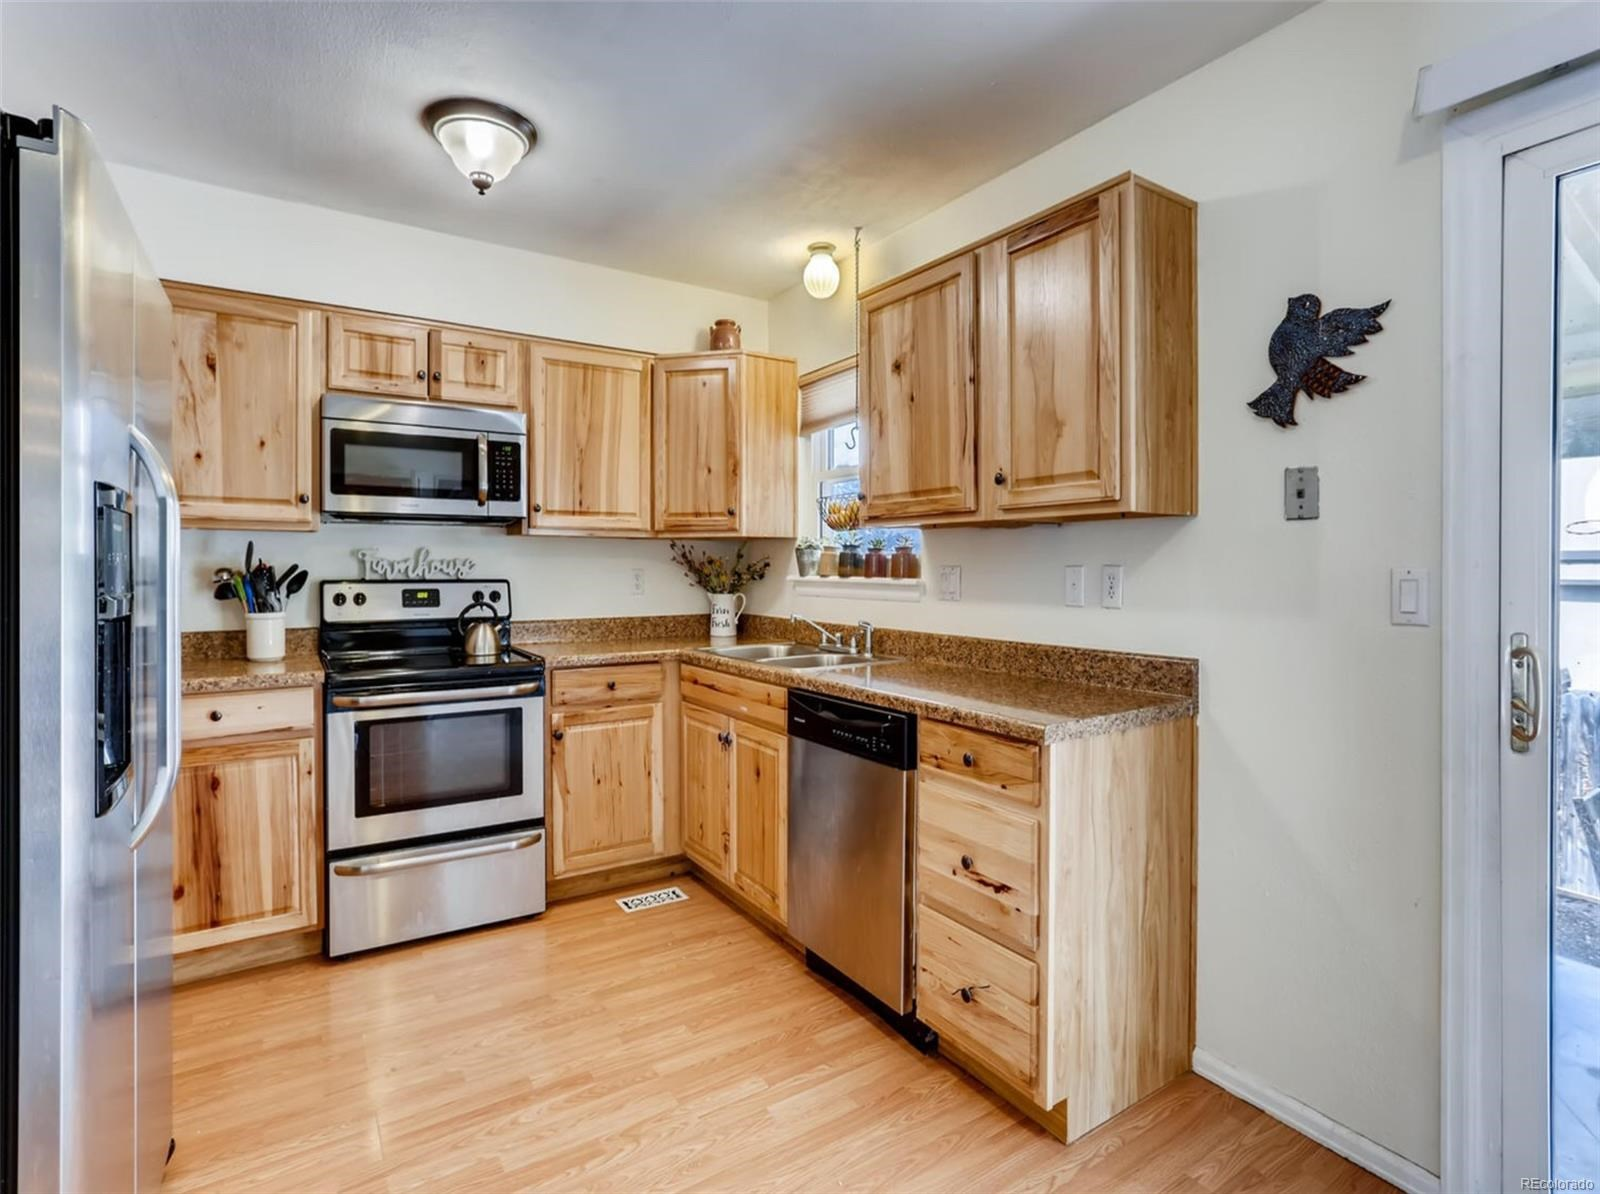 MLS# 8877836 - 4 - 16703 E Kenyon Drive, Aurora, CO 80013